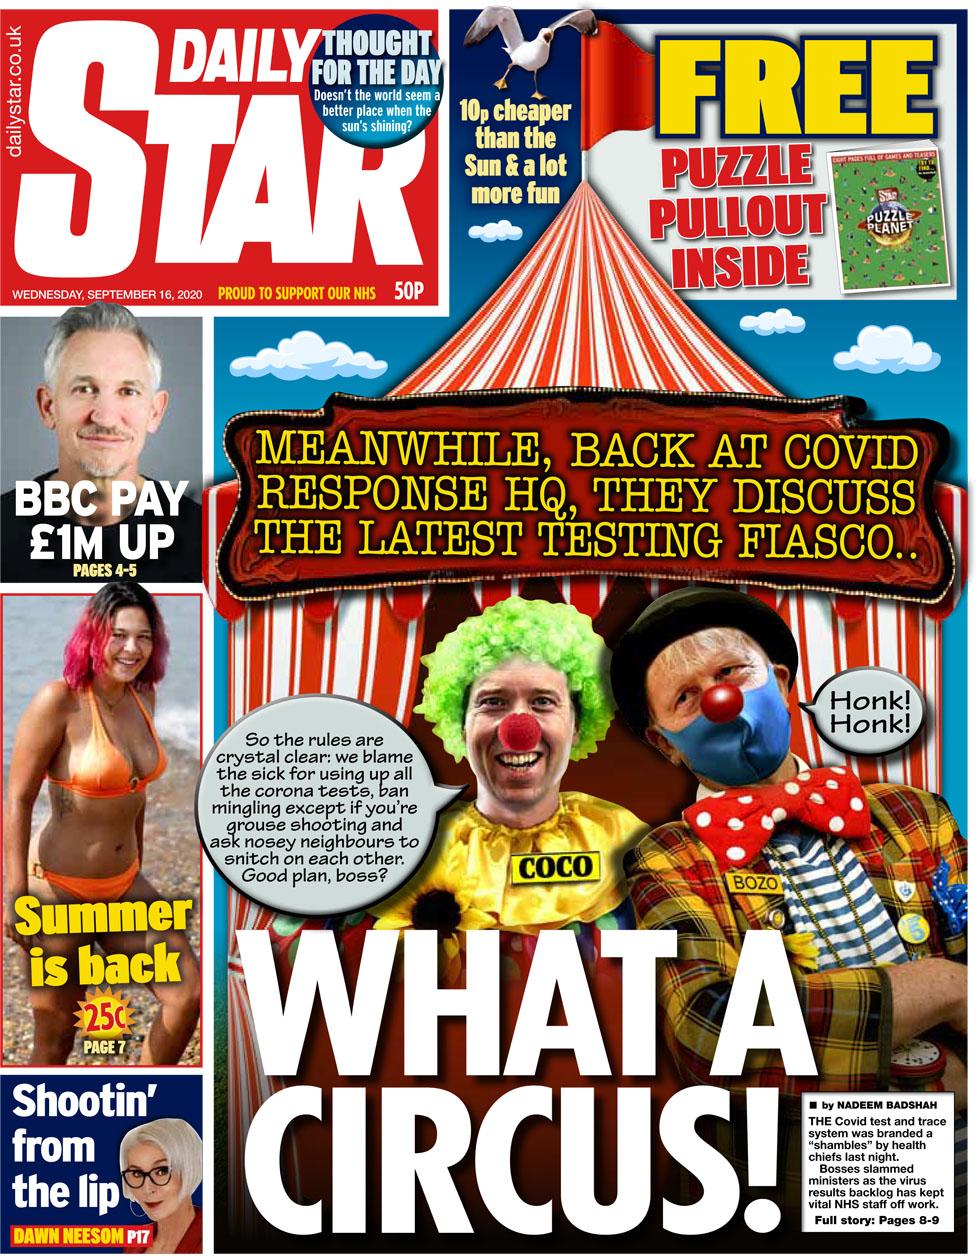 Daily Star 16 September